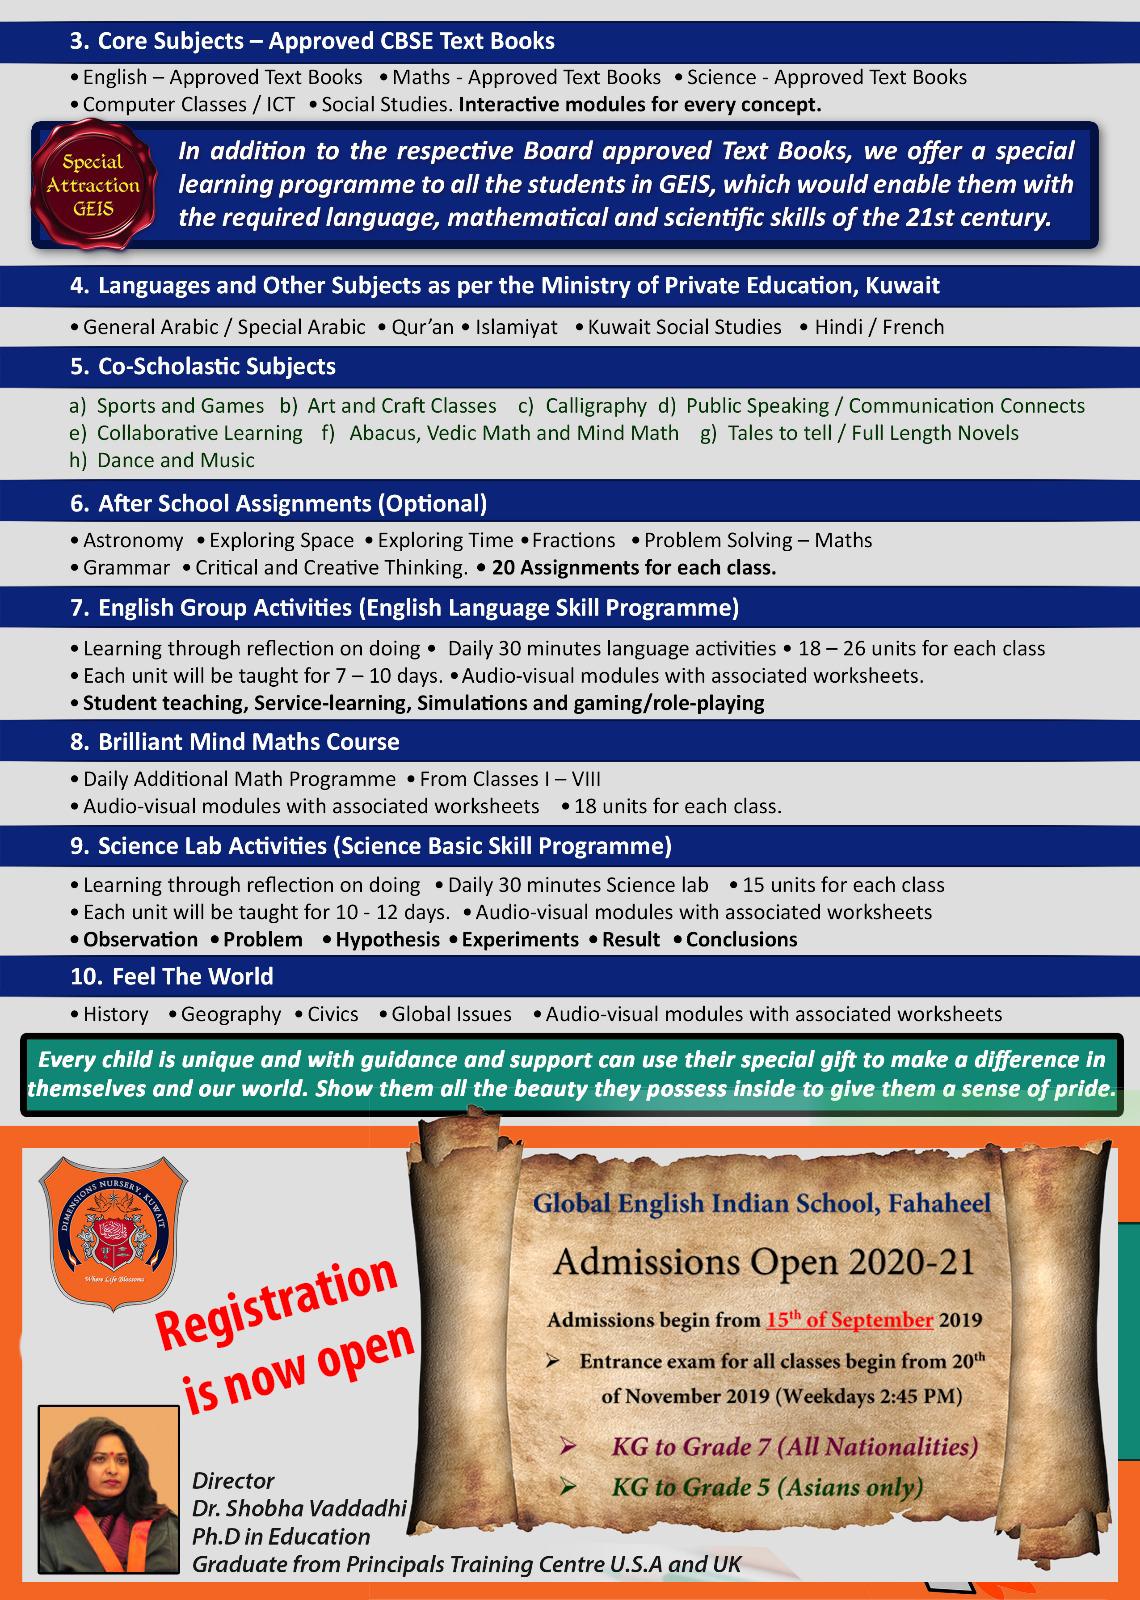 Global English Indian School, Kuwait